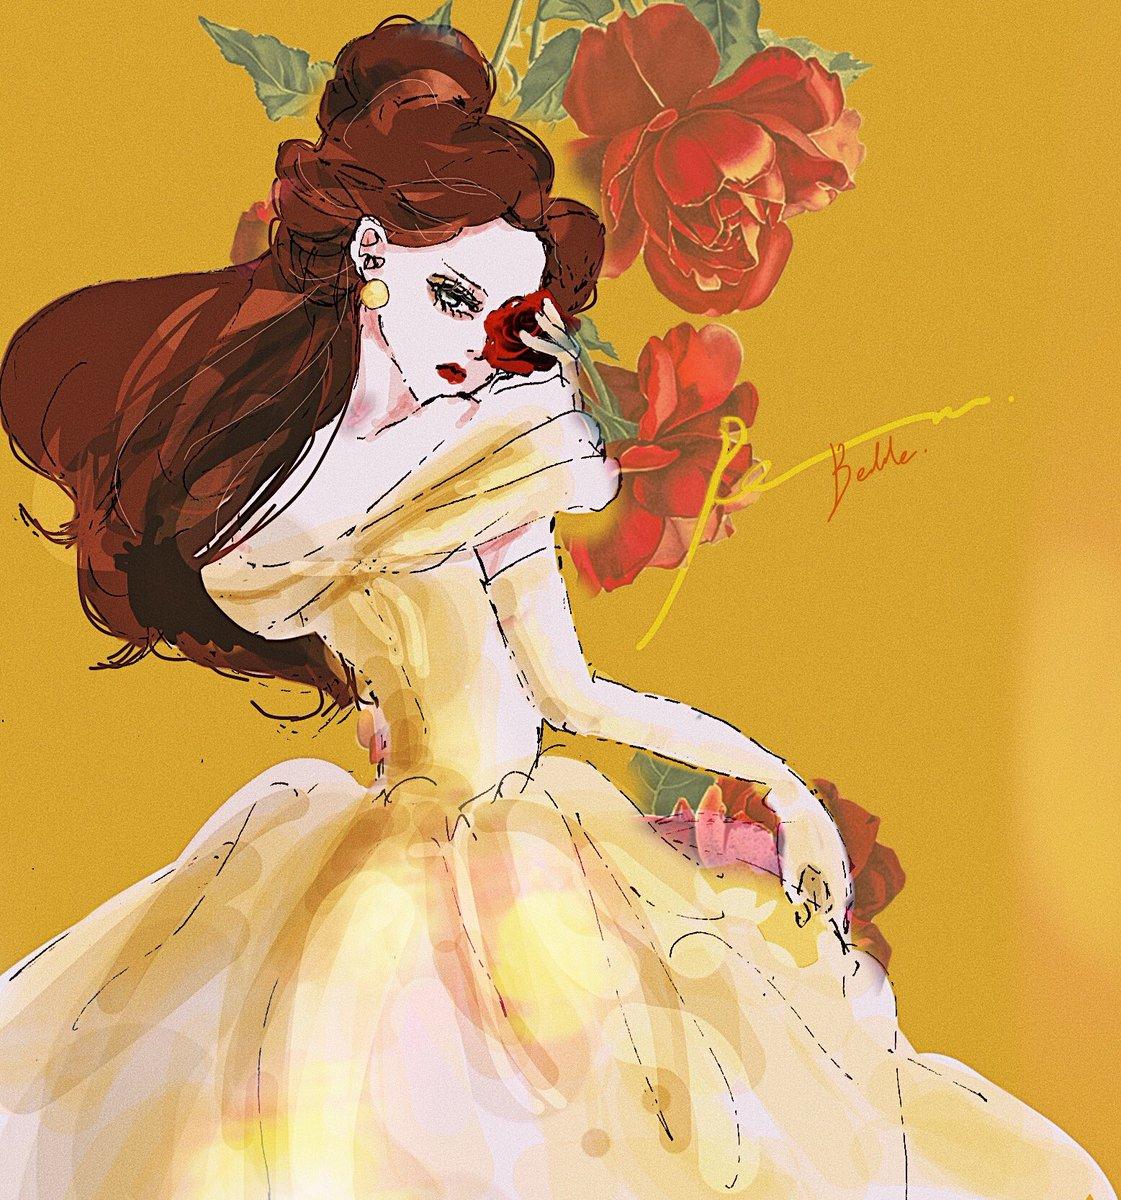 美女と野獣#ディズニープリンセス#ディズニー  #美女と野獣